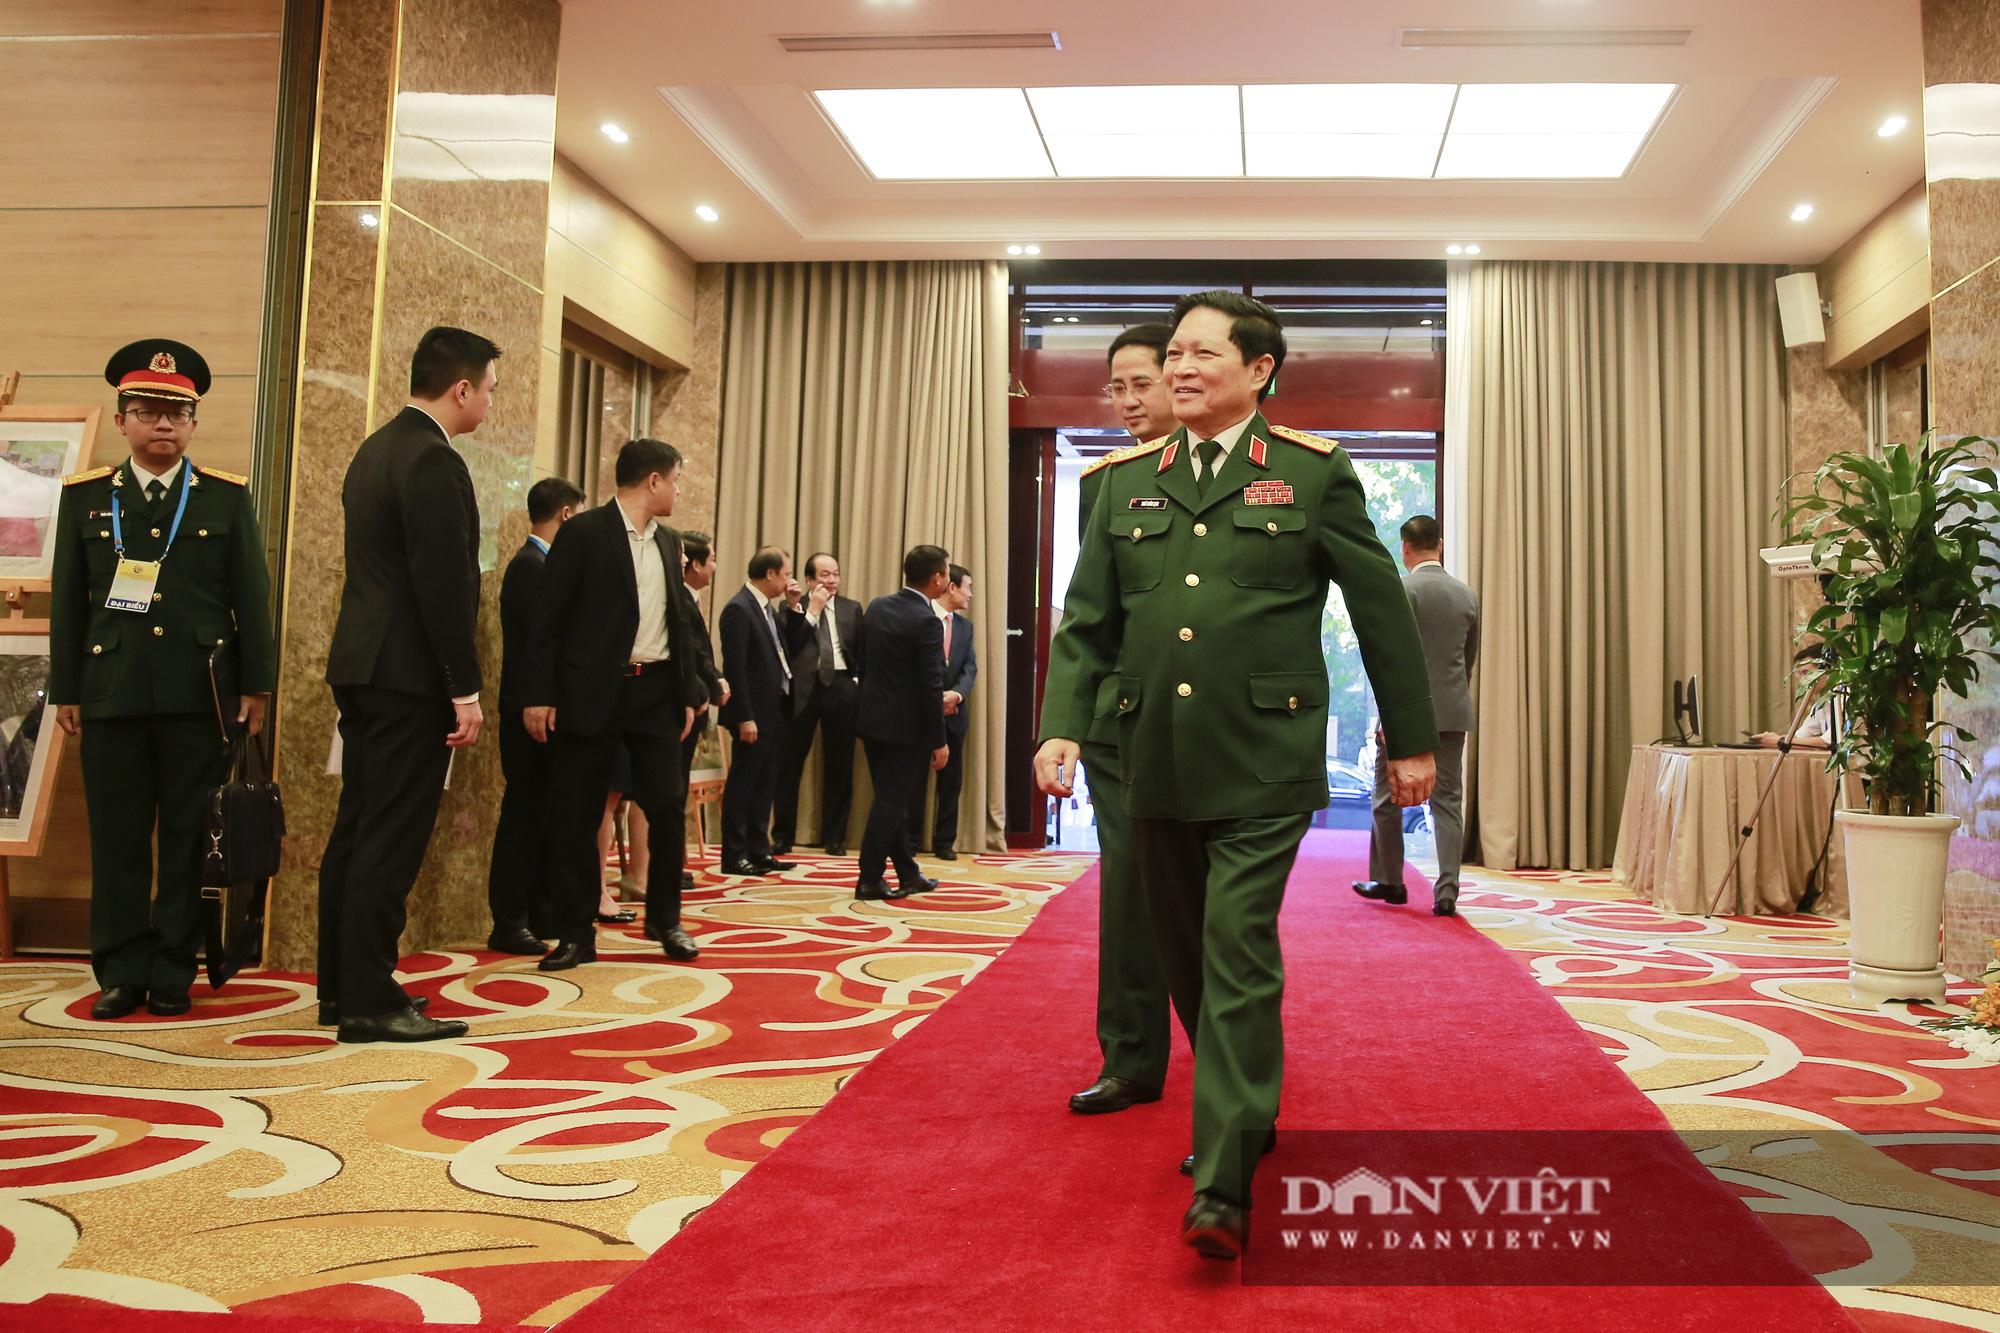 Toàn cảnh Khai mạc Hội nghị Cấp cao ASEAN lần thứ 37 - Ảnh 4.